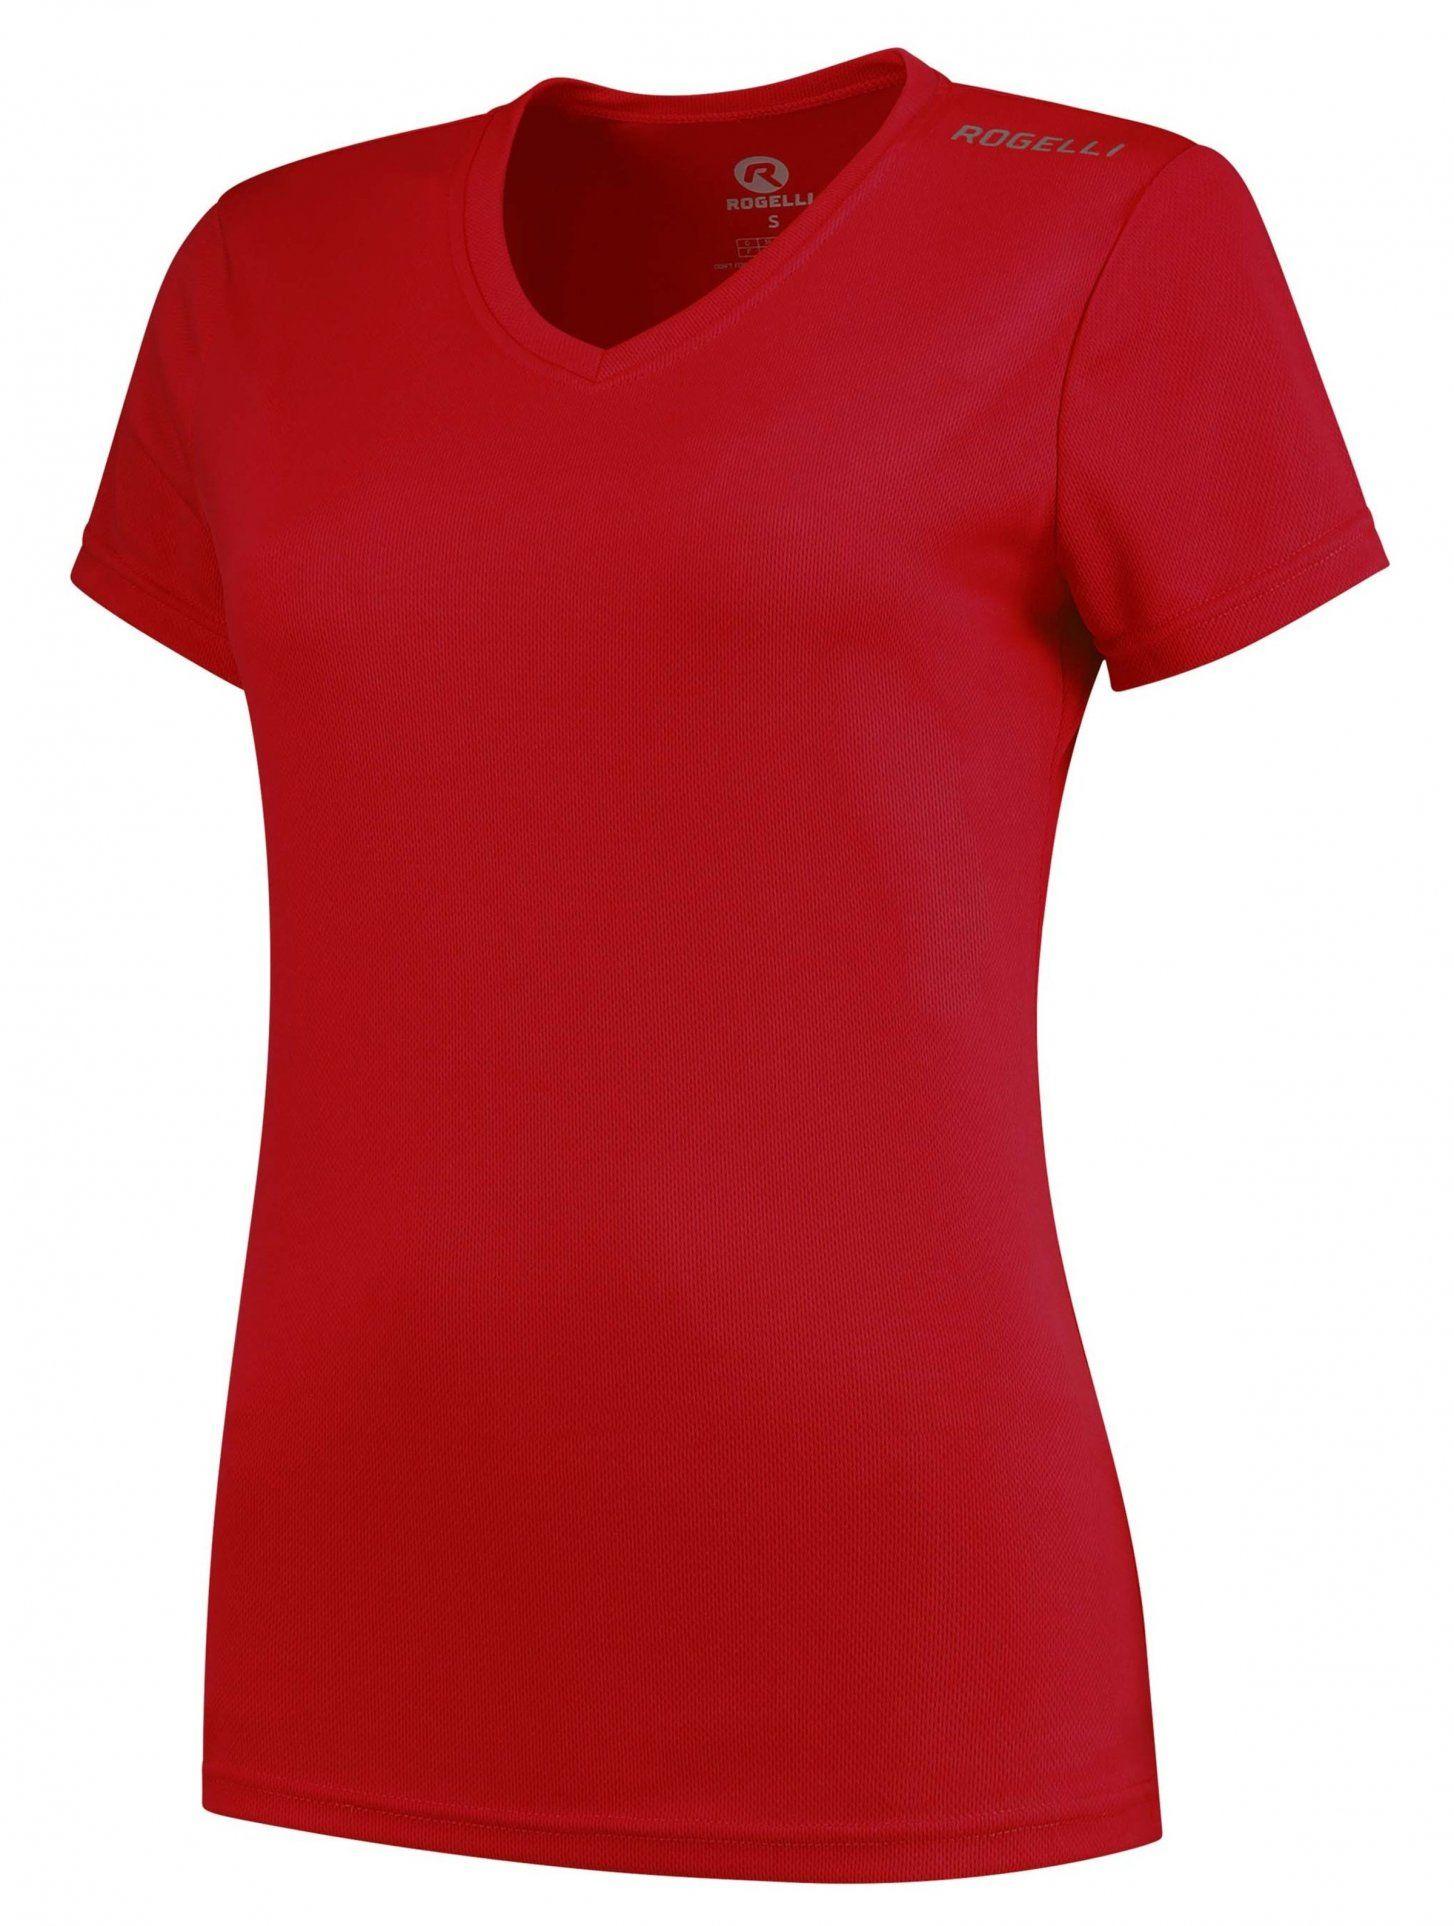 ROGELLI Koszulka sportowa damska Promo czerwona Rozmiar: M,801.221.XS